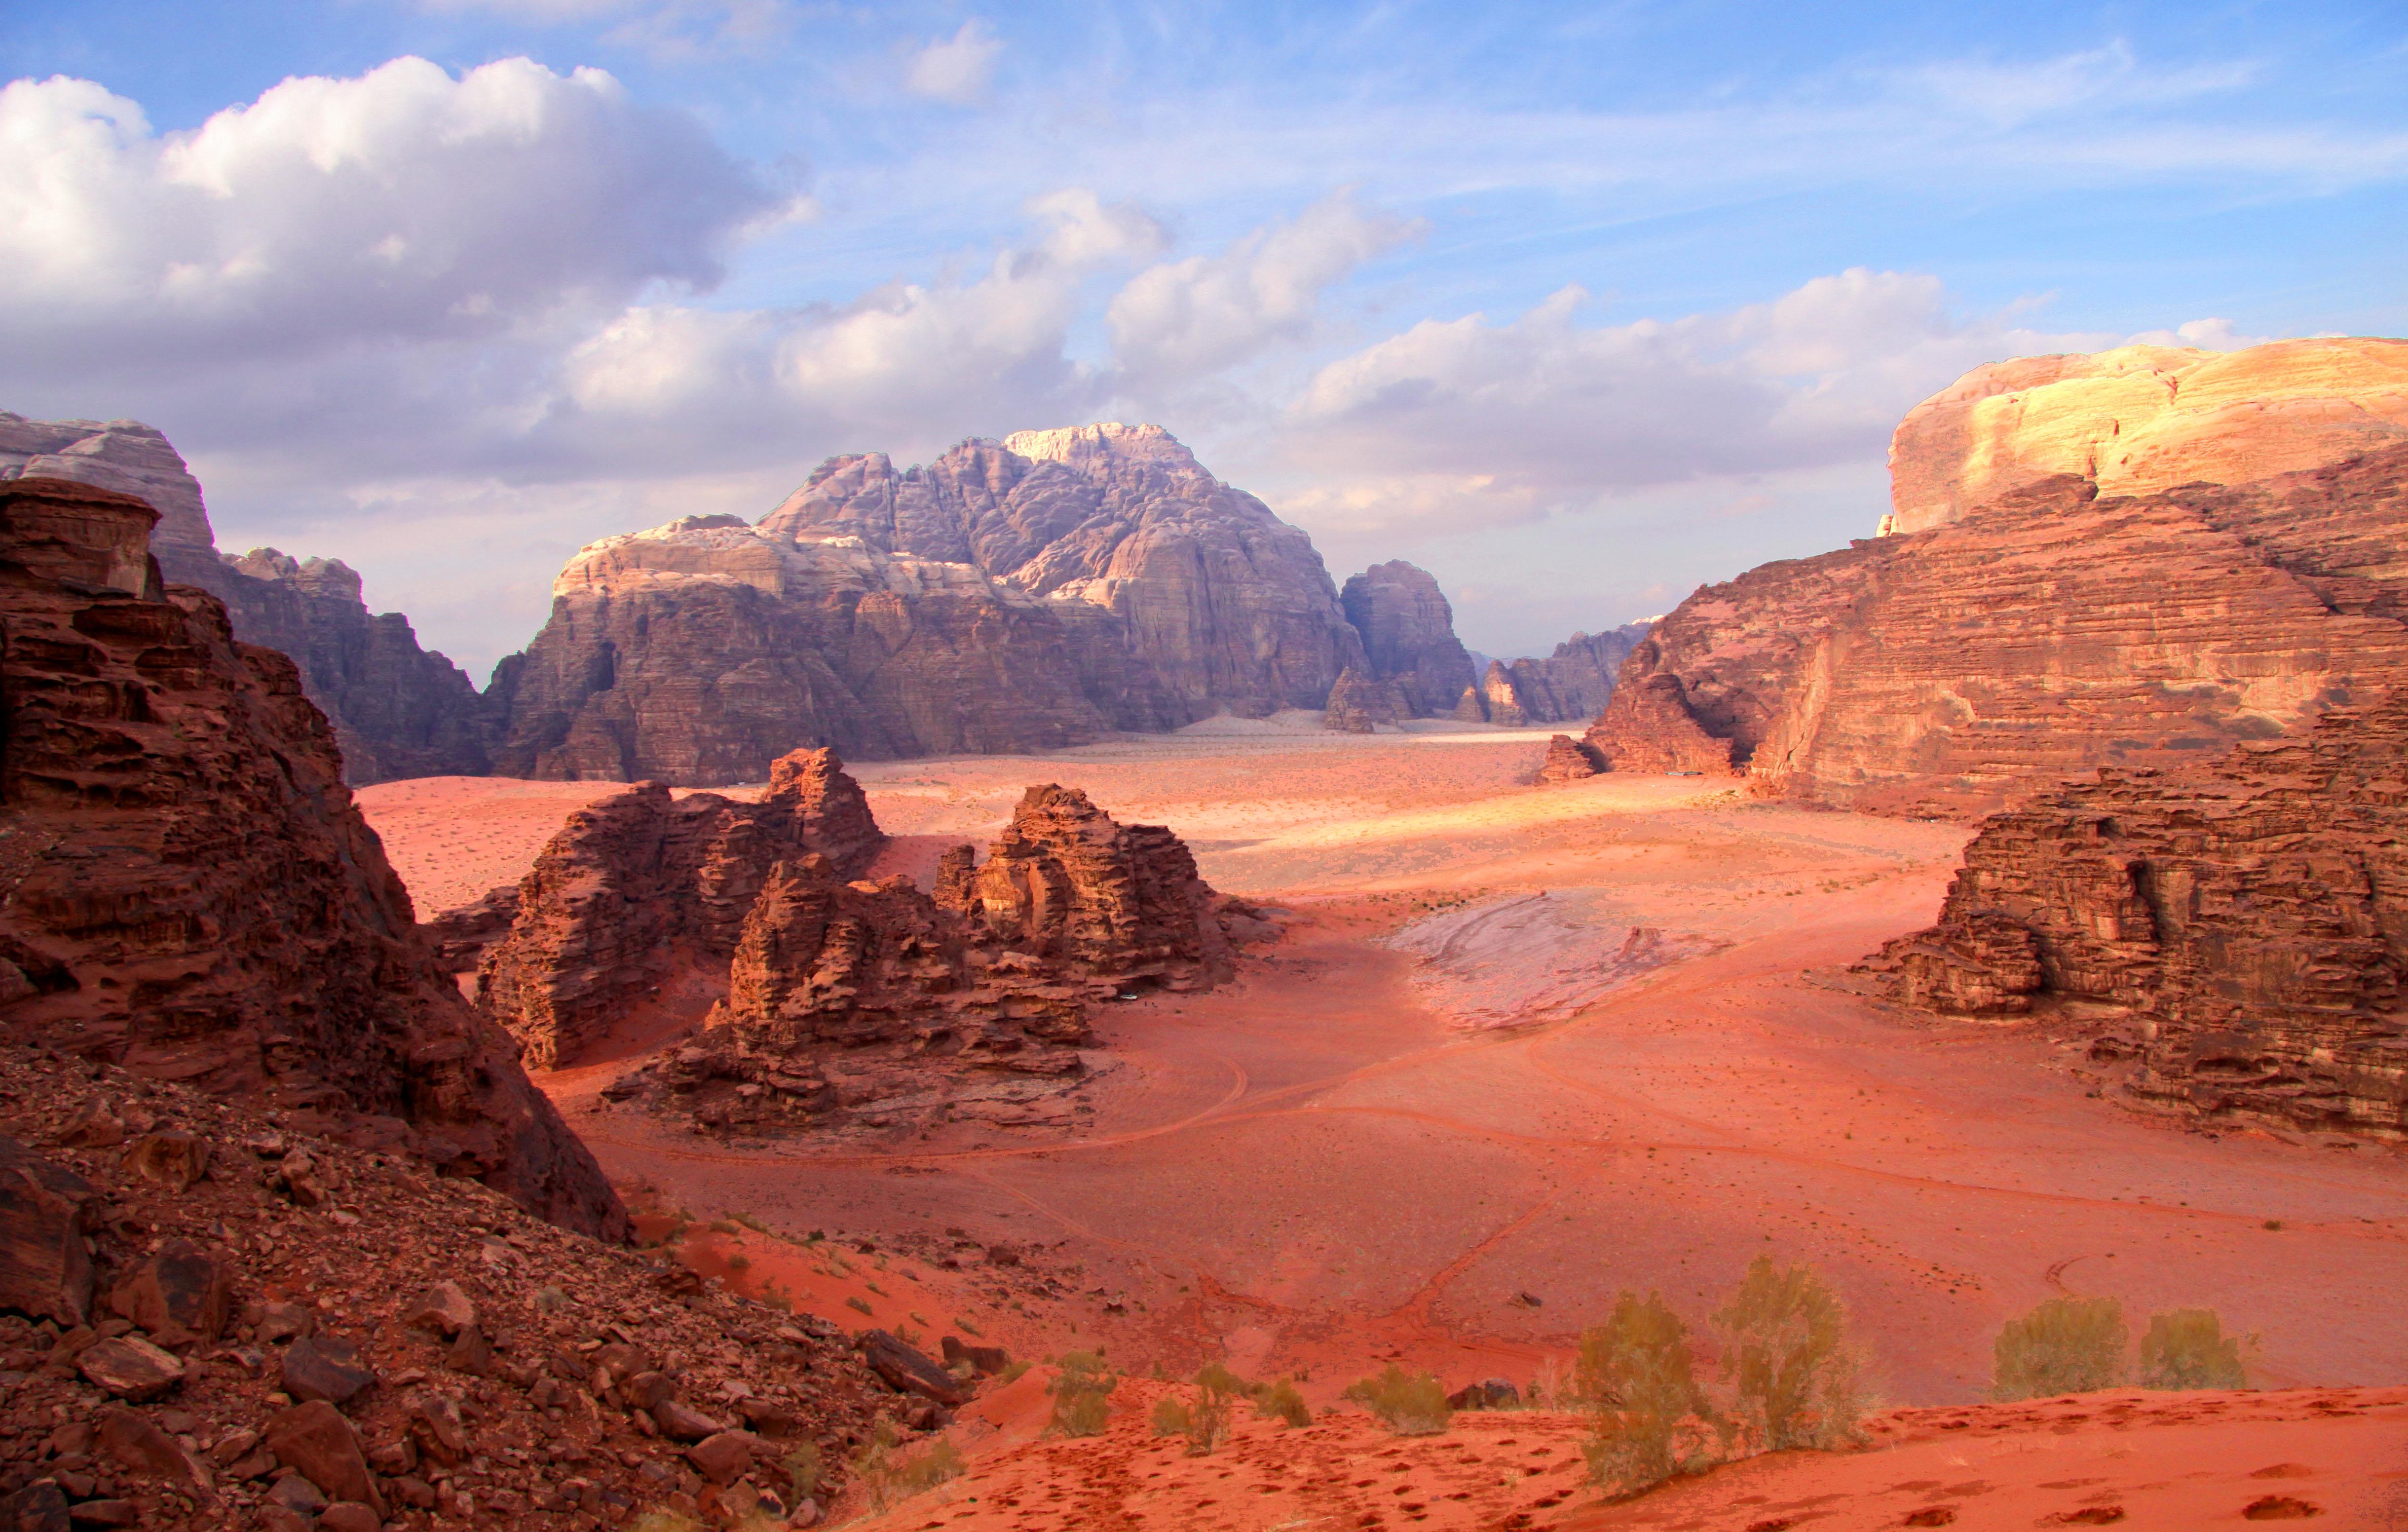 Wadi Rum: Life on Mars